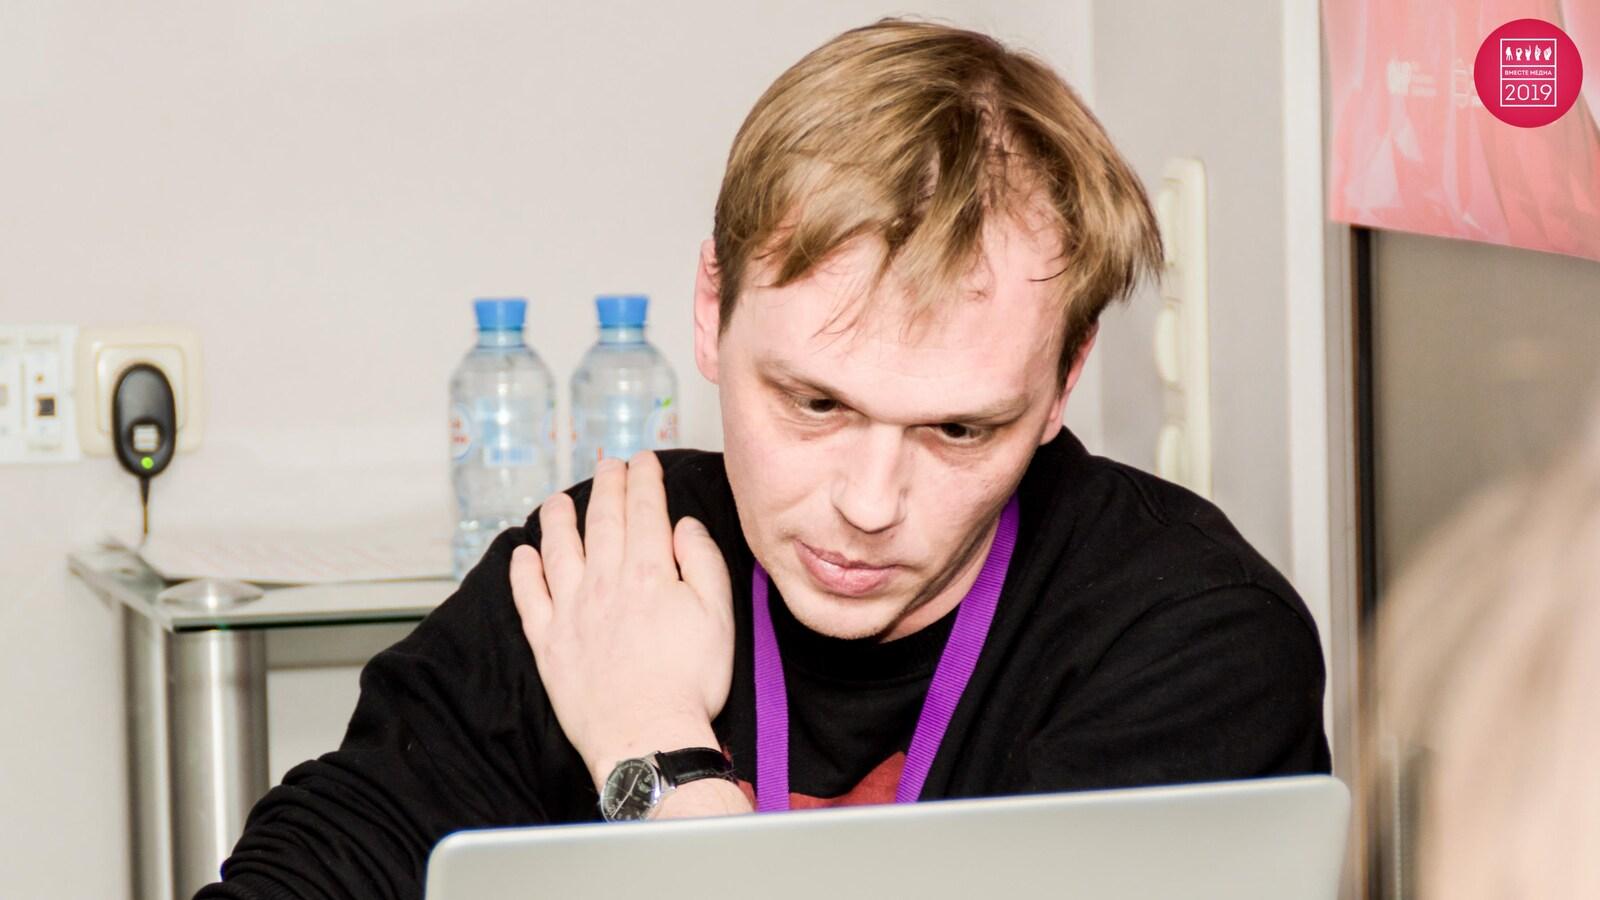 Un journaliste d'investigation arrêté pour détention de drogue — Russie